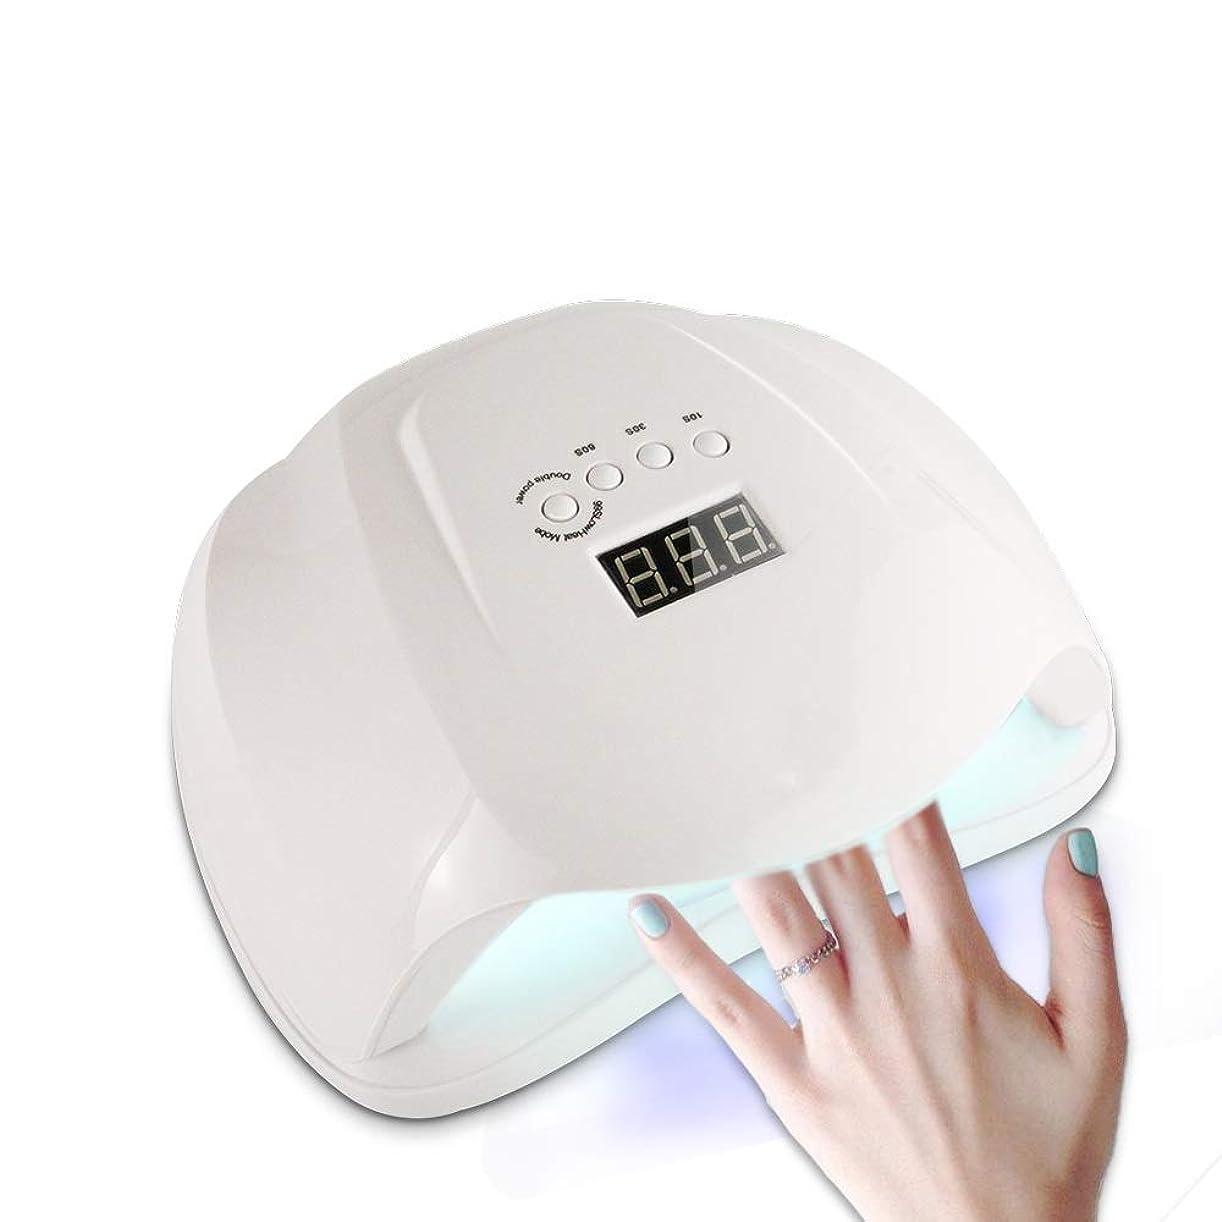 合成コスト花嫁ネイル光線療法機 ネイルドライヤー-45Wネイルランプデュアル光源LED / UV誘導ネイルドライヤー光線療法ランプインテリジェントタイミング乾燥ランプ